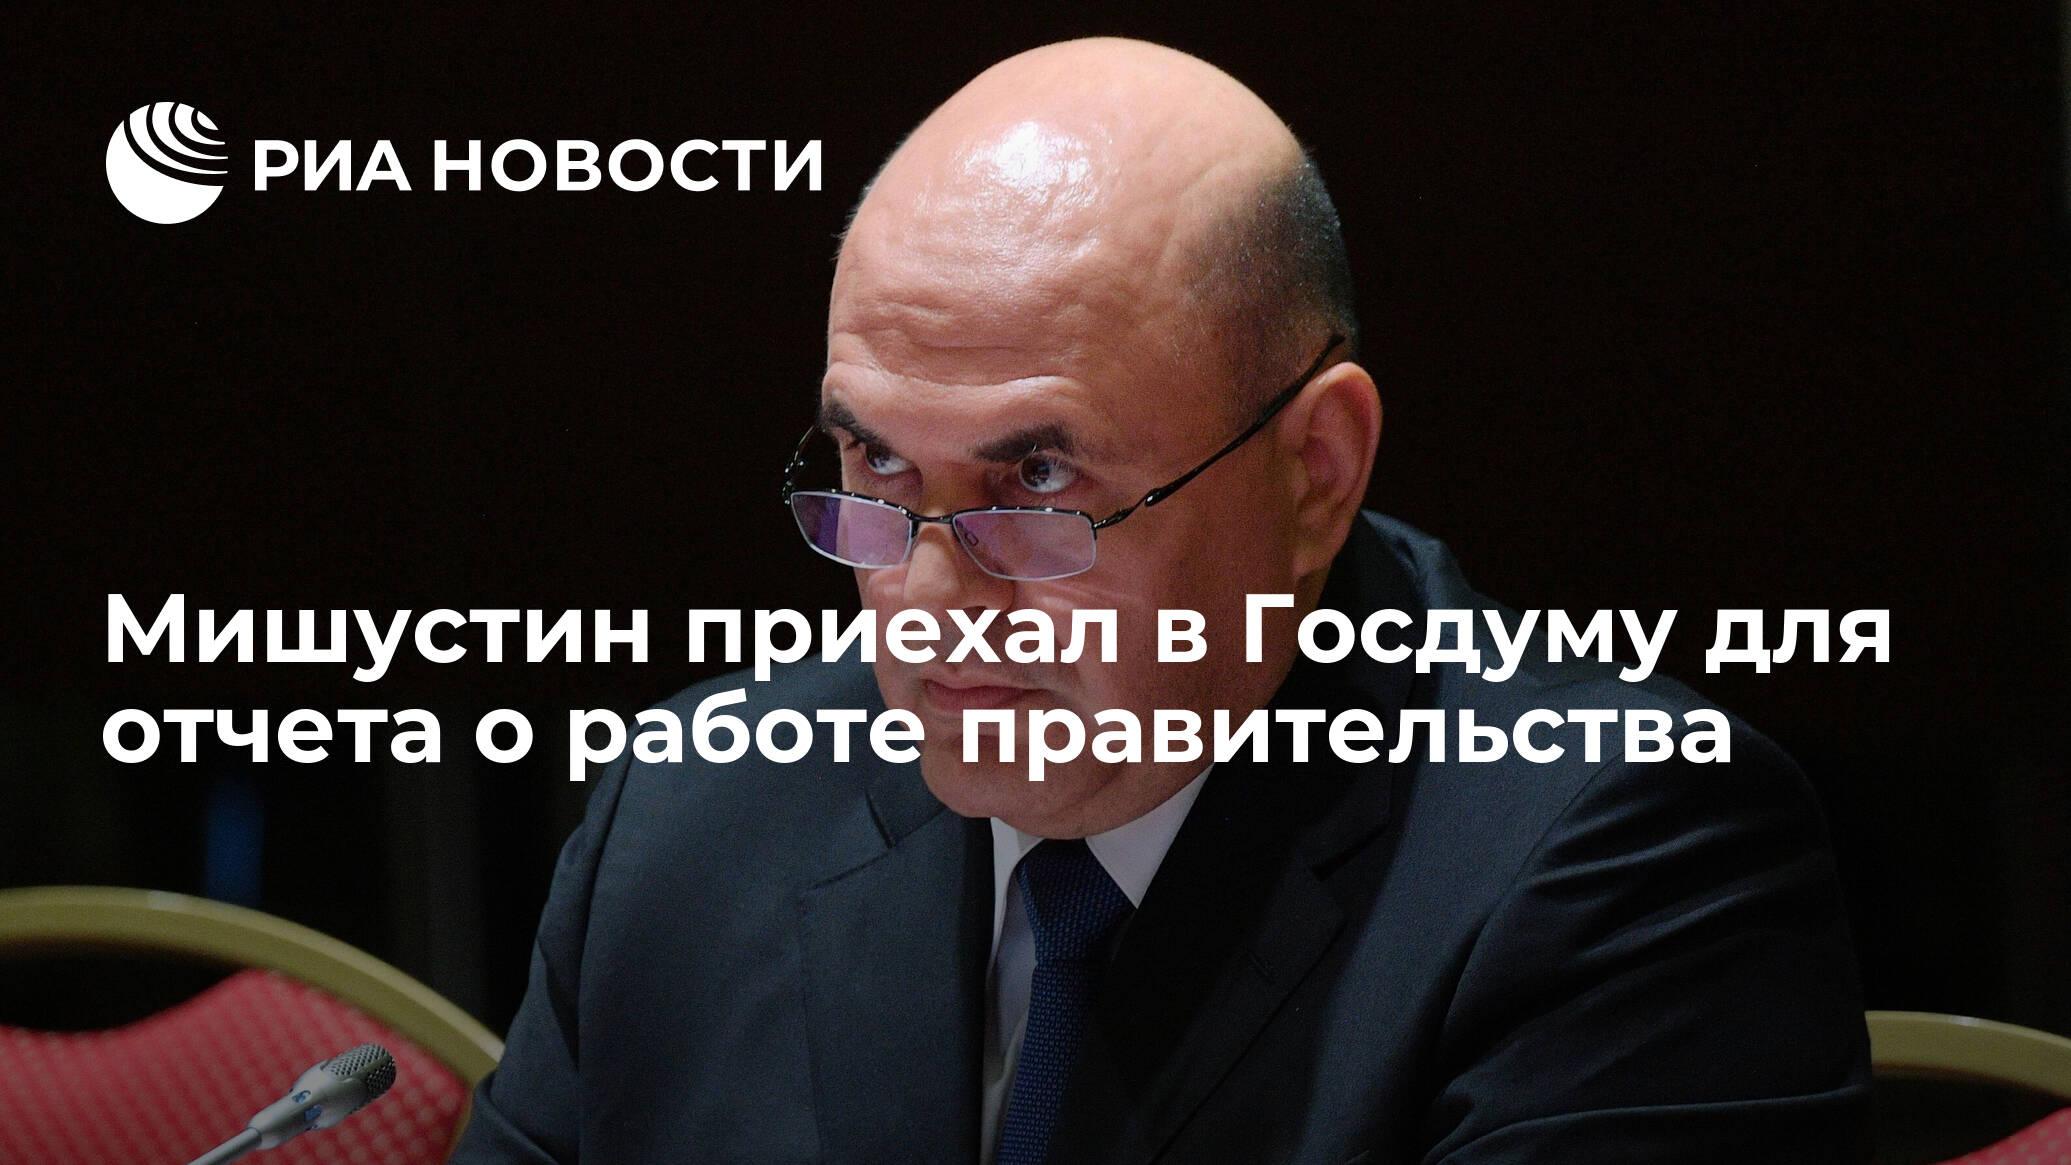 Мишустин приехал в Госдуму для отчета о работе правительства